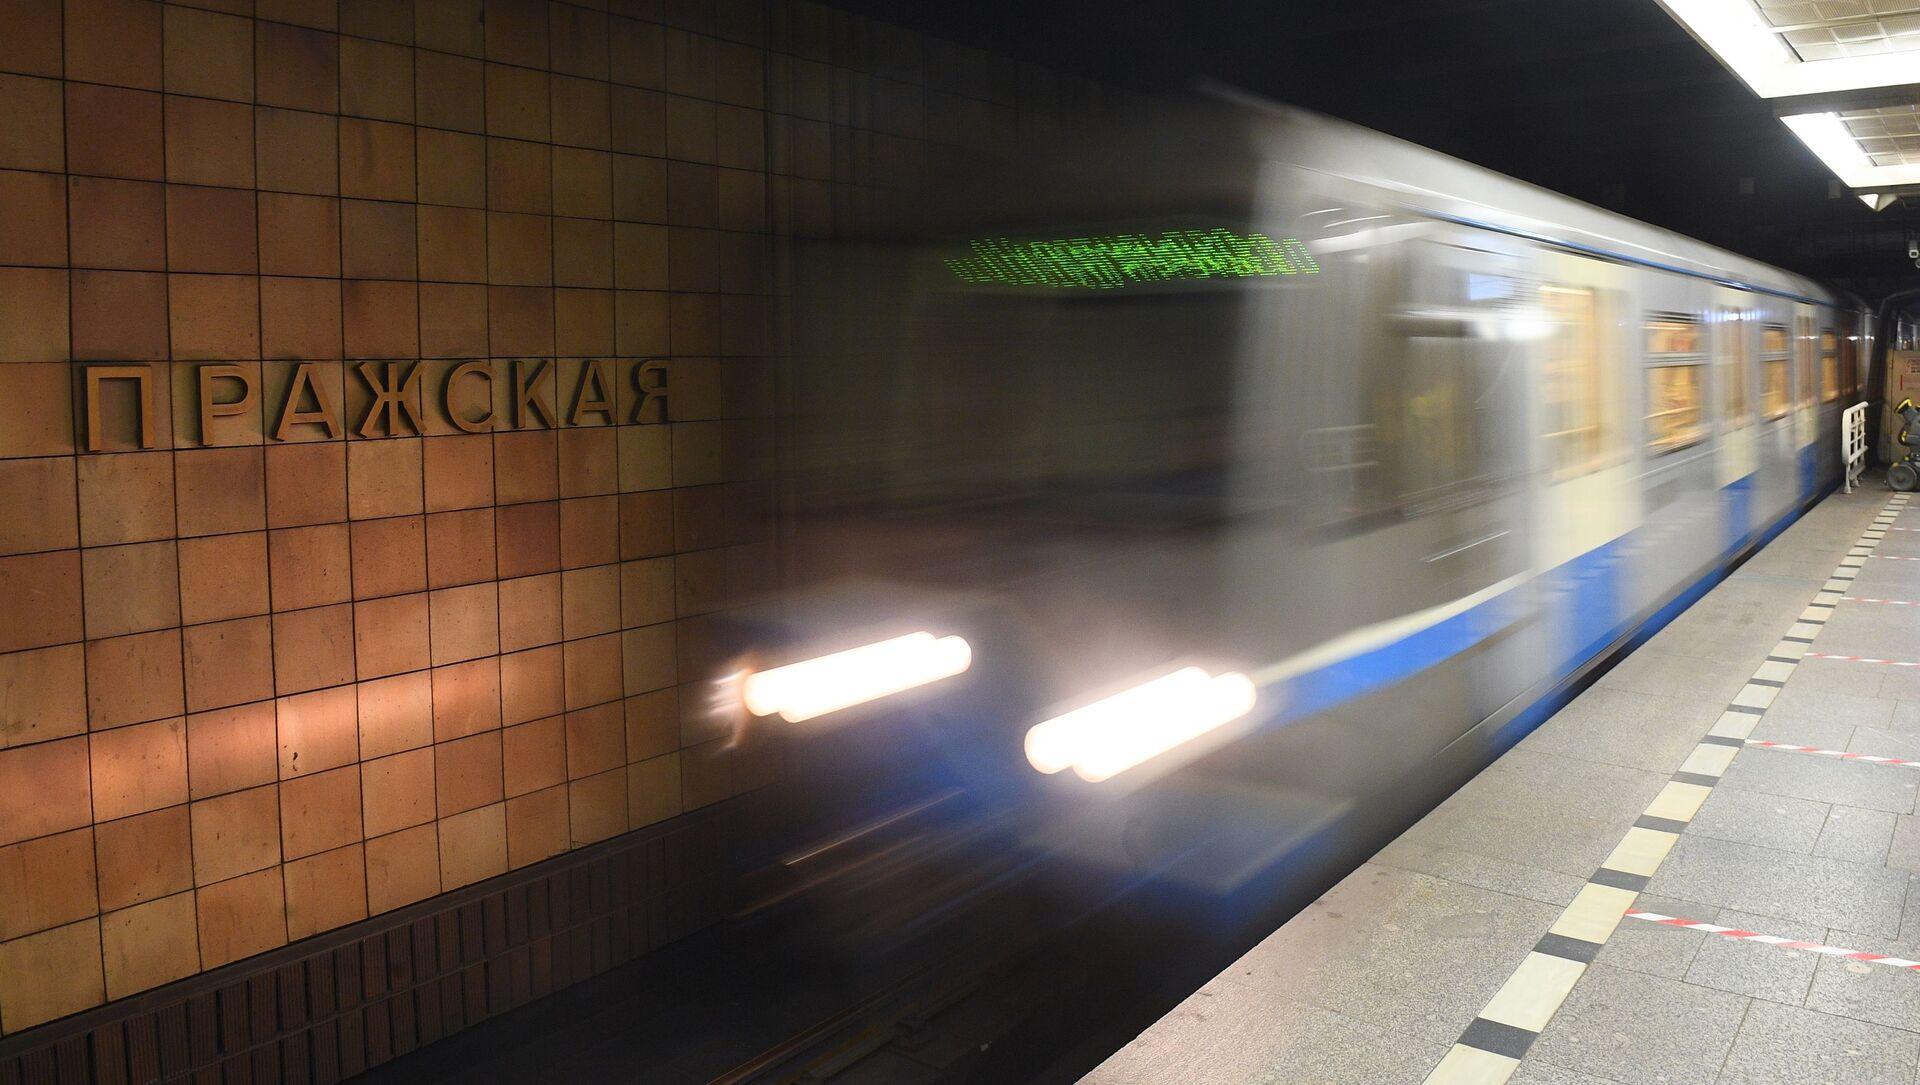 Прибывающий поезд на станции Пражская Московского метрополитена - Sputnik Česká republika, 1920, 16.04.2020